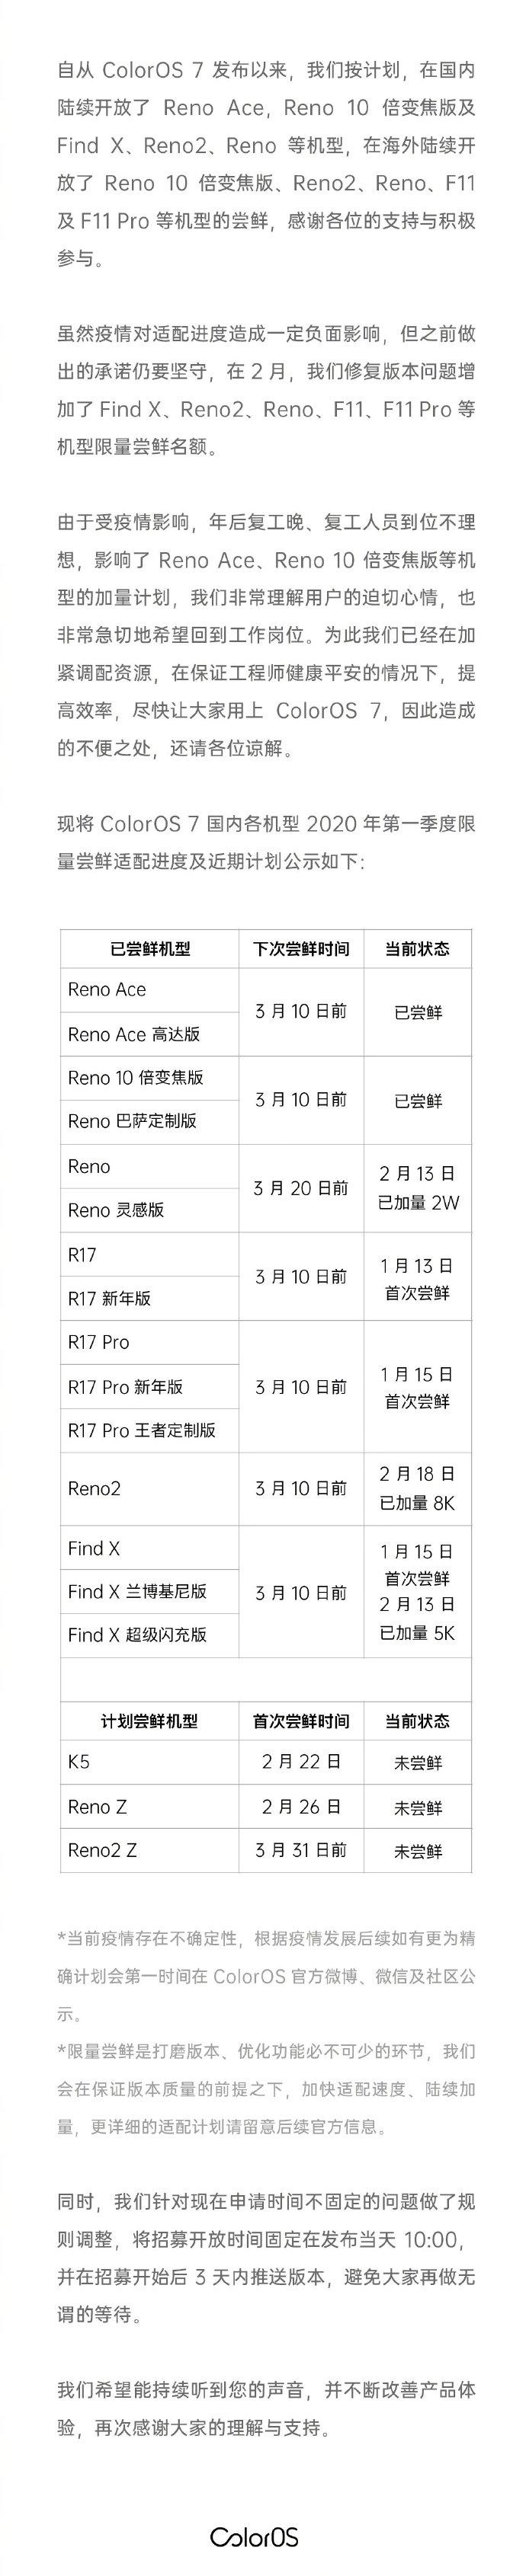 harmonogram aktualizacja ColorOS 7 Android 10 dla smartfonów Oppo Reno